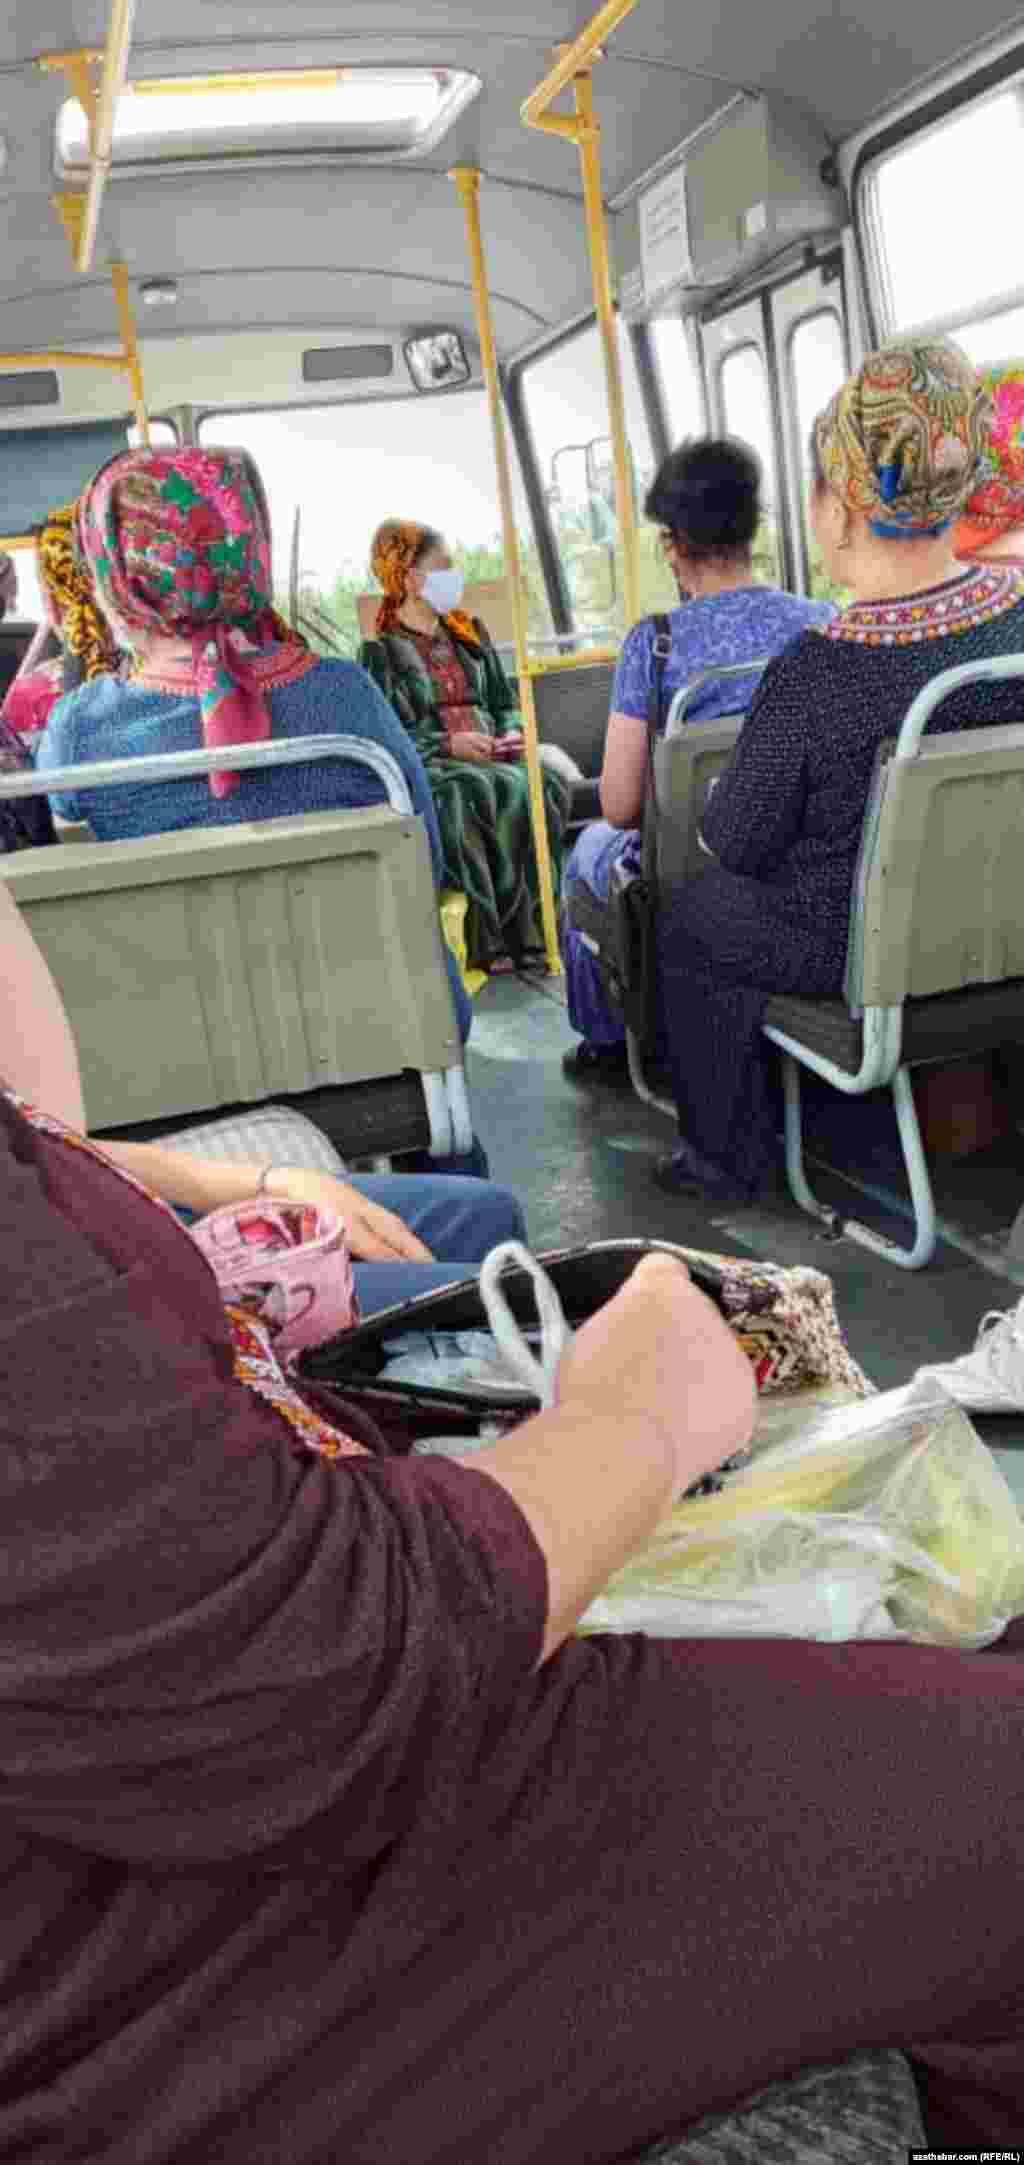 В автобусе, Ашхабад, 15 июля, 2020.